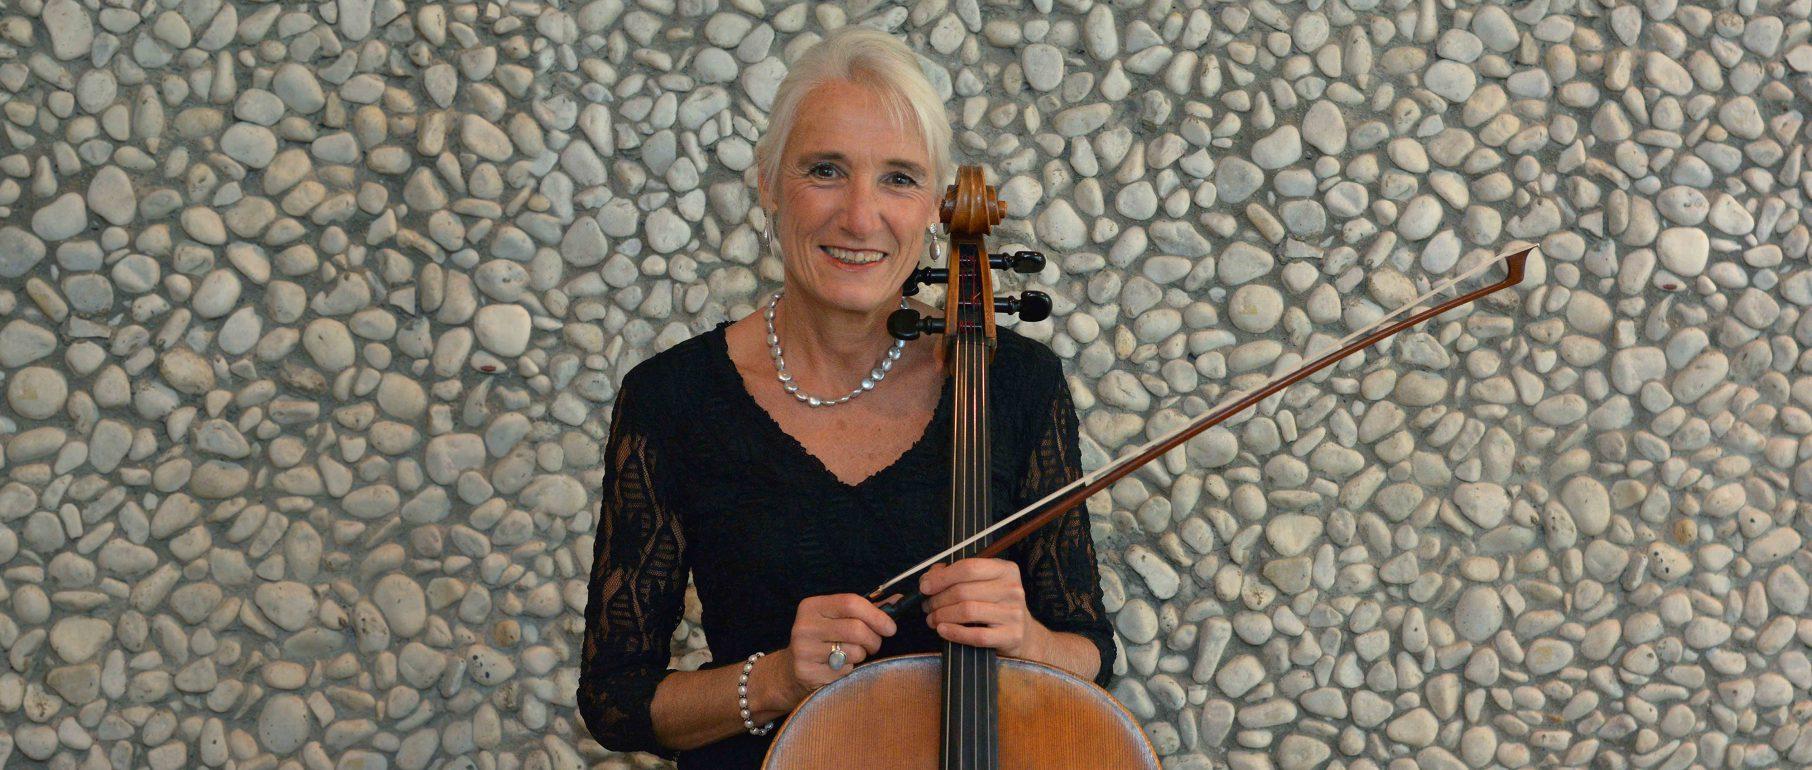 Andrea Hanke, Violoncello (Solo)